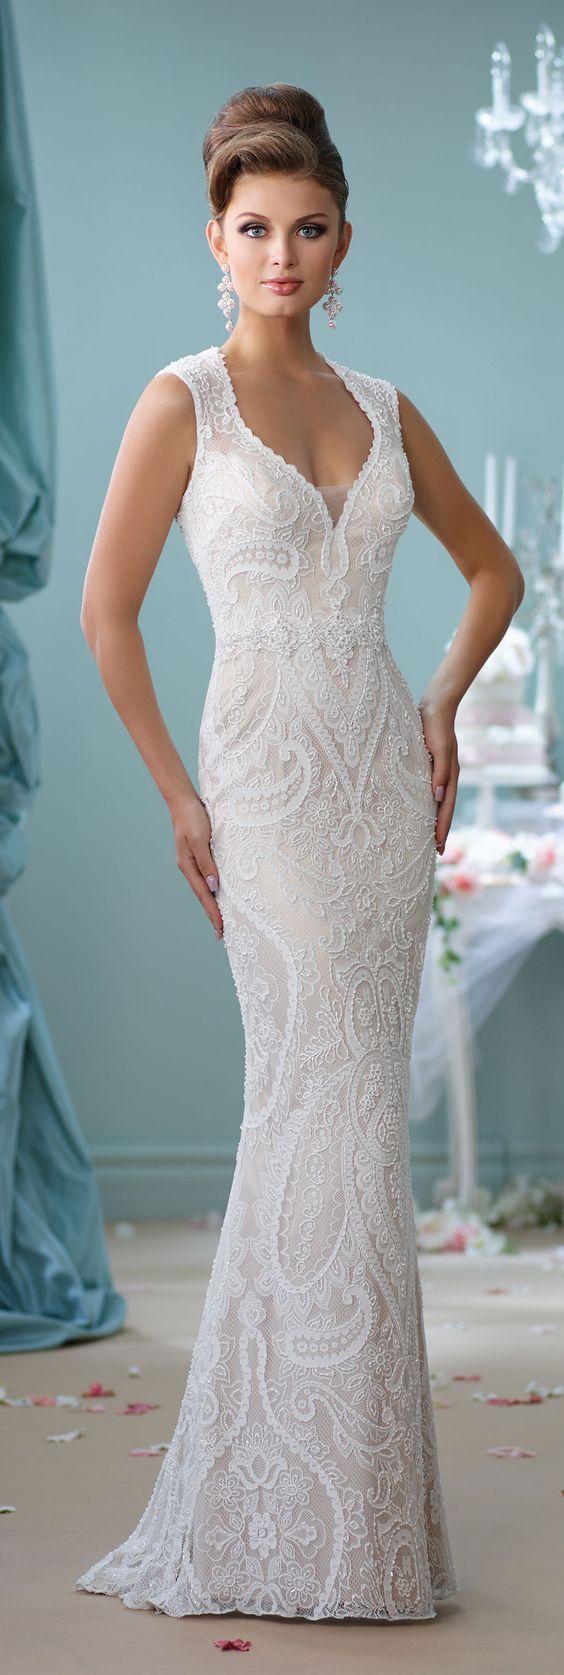 Mejores 67 imágenes de vestidos de novia en Pinterest | Vestidos de ...